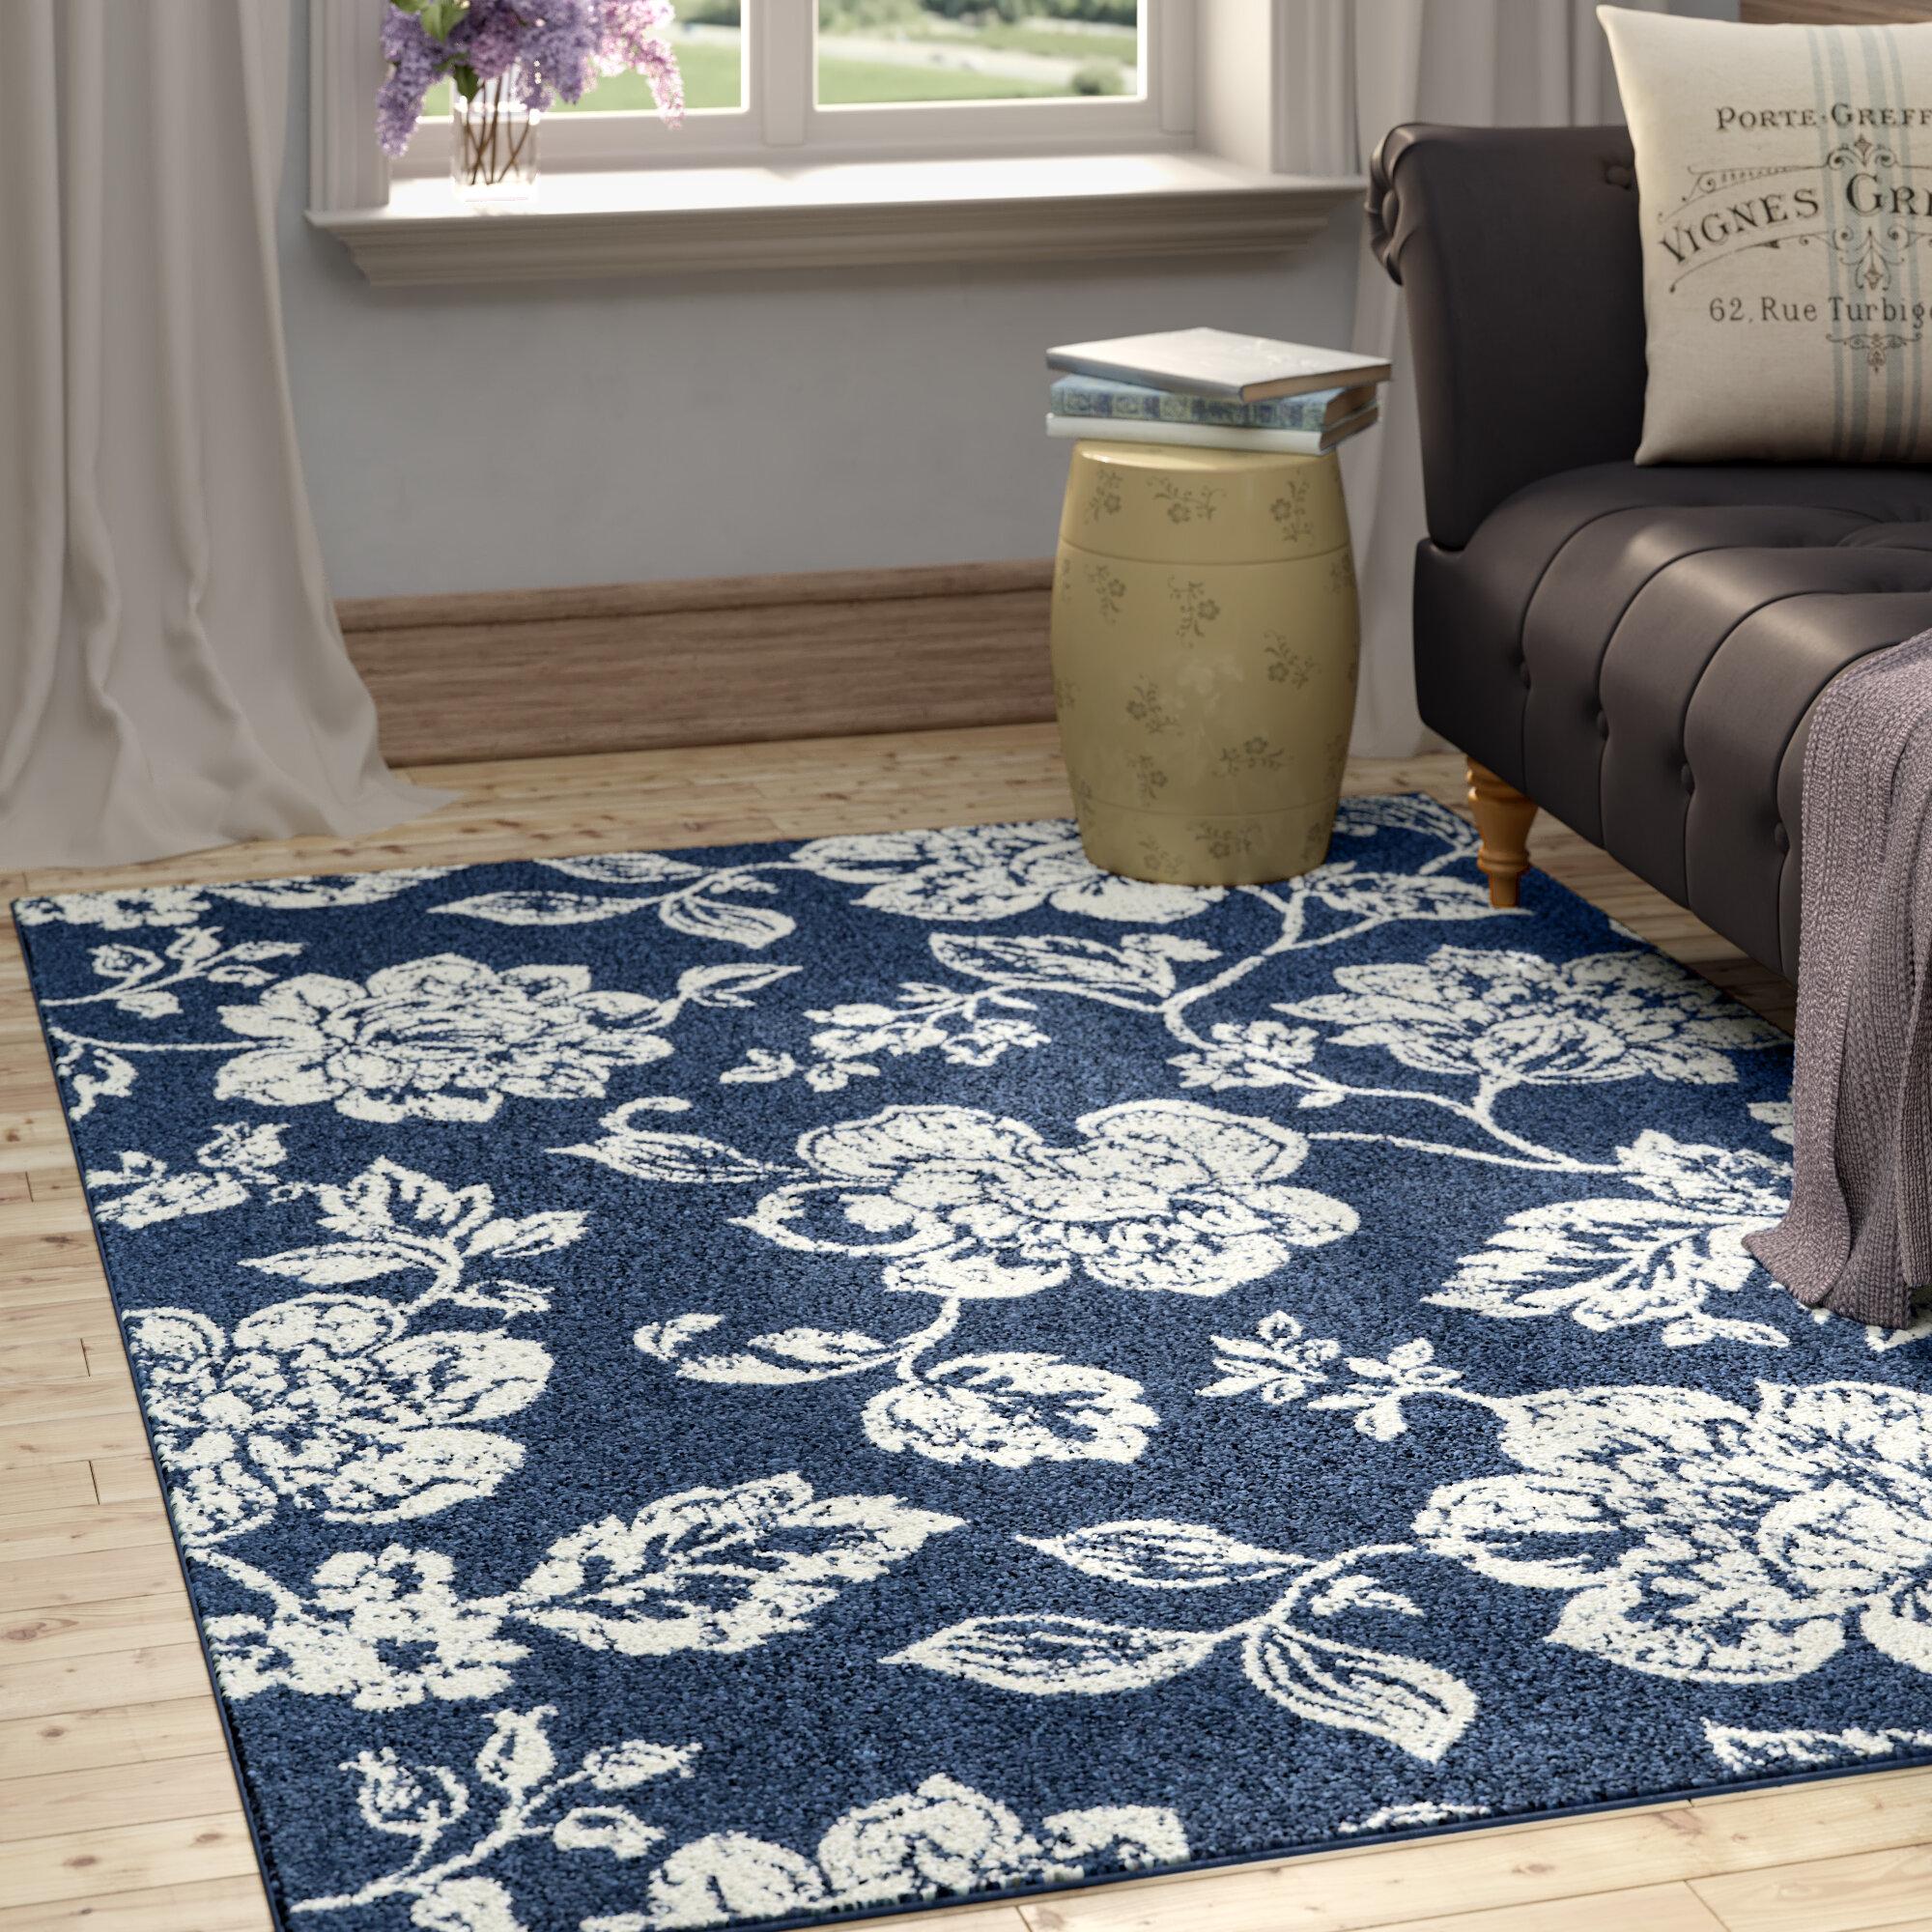 Kofi Blue Indoor Outdoor Area Rug Reviews Wayfair